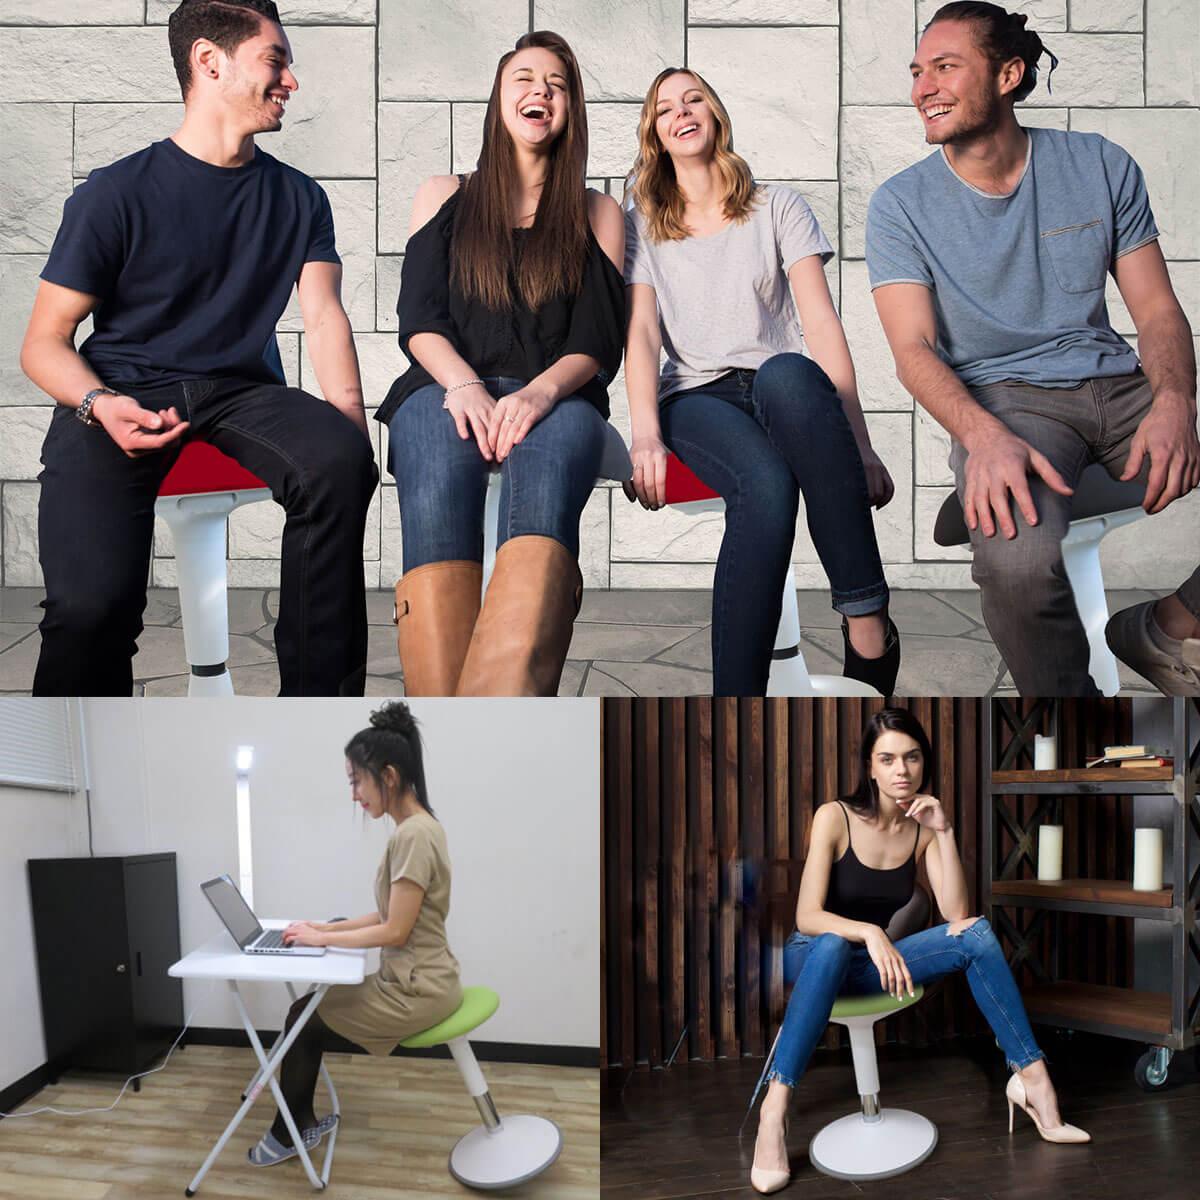 バランスチェア テレワーク 大人 腰痛 子供 姿勢 イージー グラッチェア 椅子 骨盤サポートチェア フィットネスチェア 在宅勤務 カフェ 喫茶店 1人暮らし 必要なもの